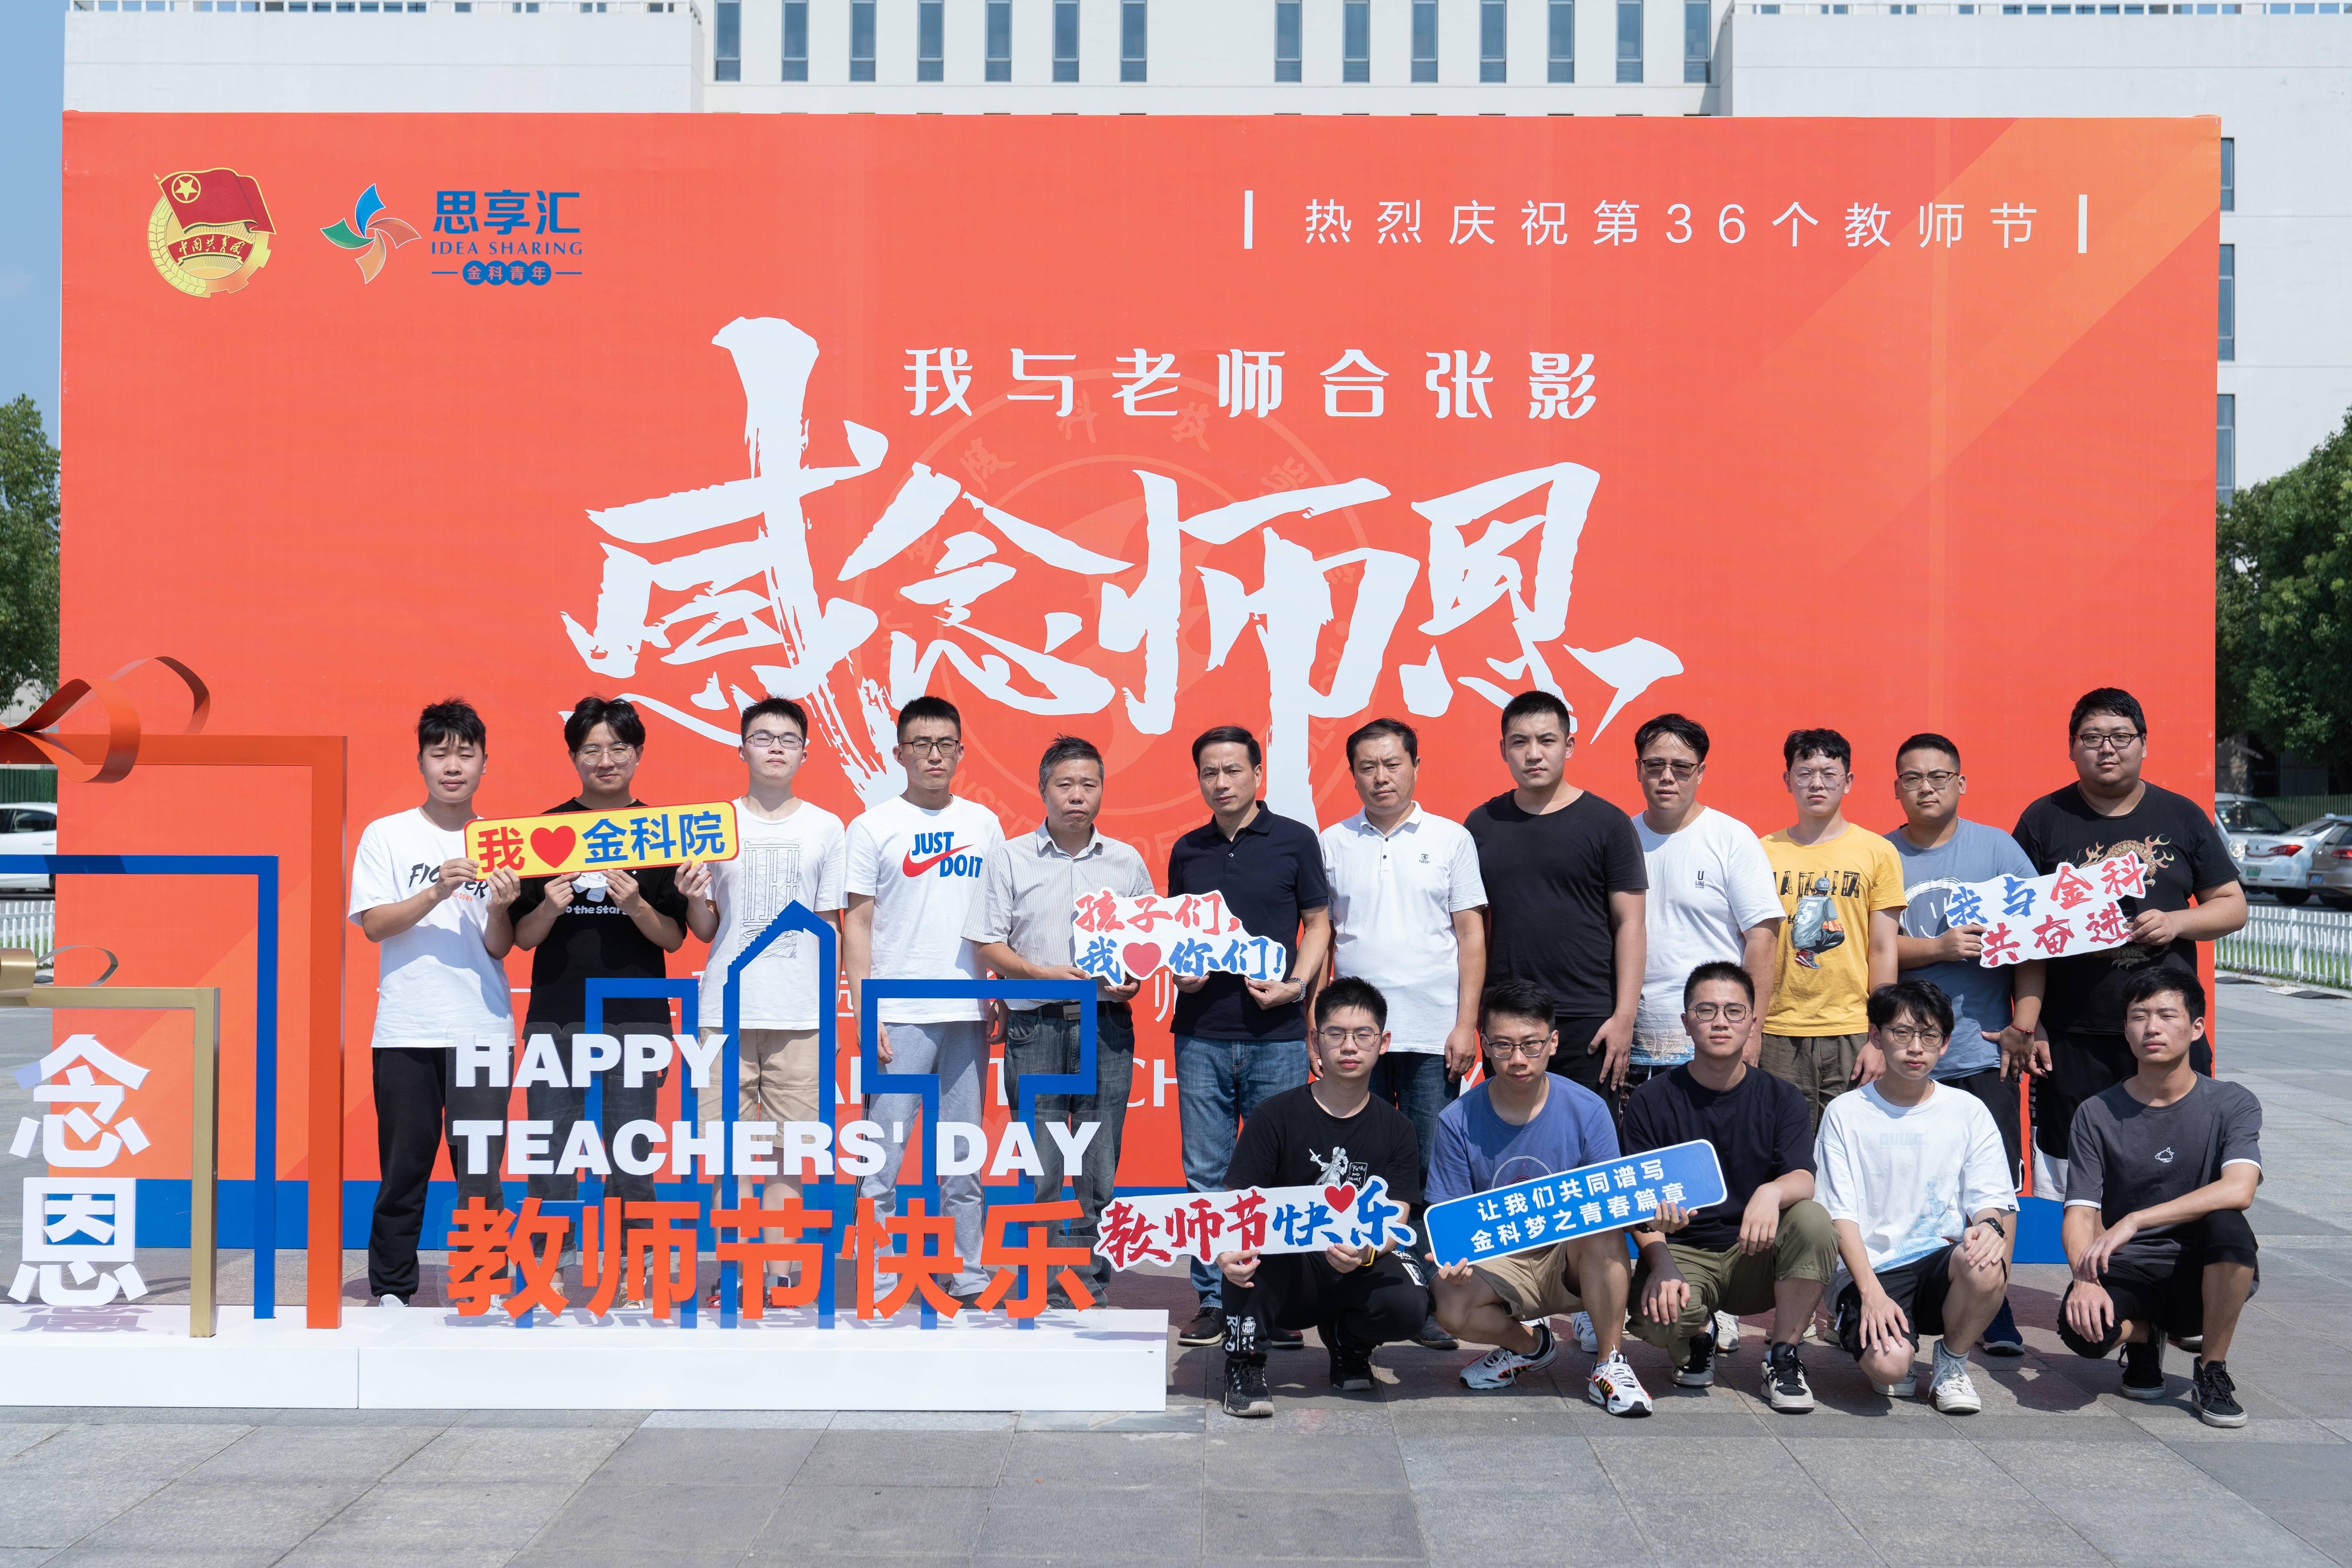 机电工程学院机器人社(中国机器人大赛季军)与指导老师李国立、周洪、刘旭明合影